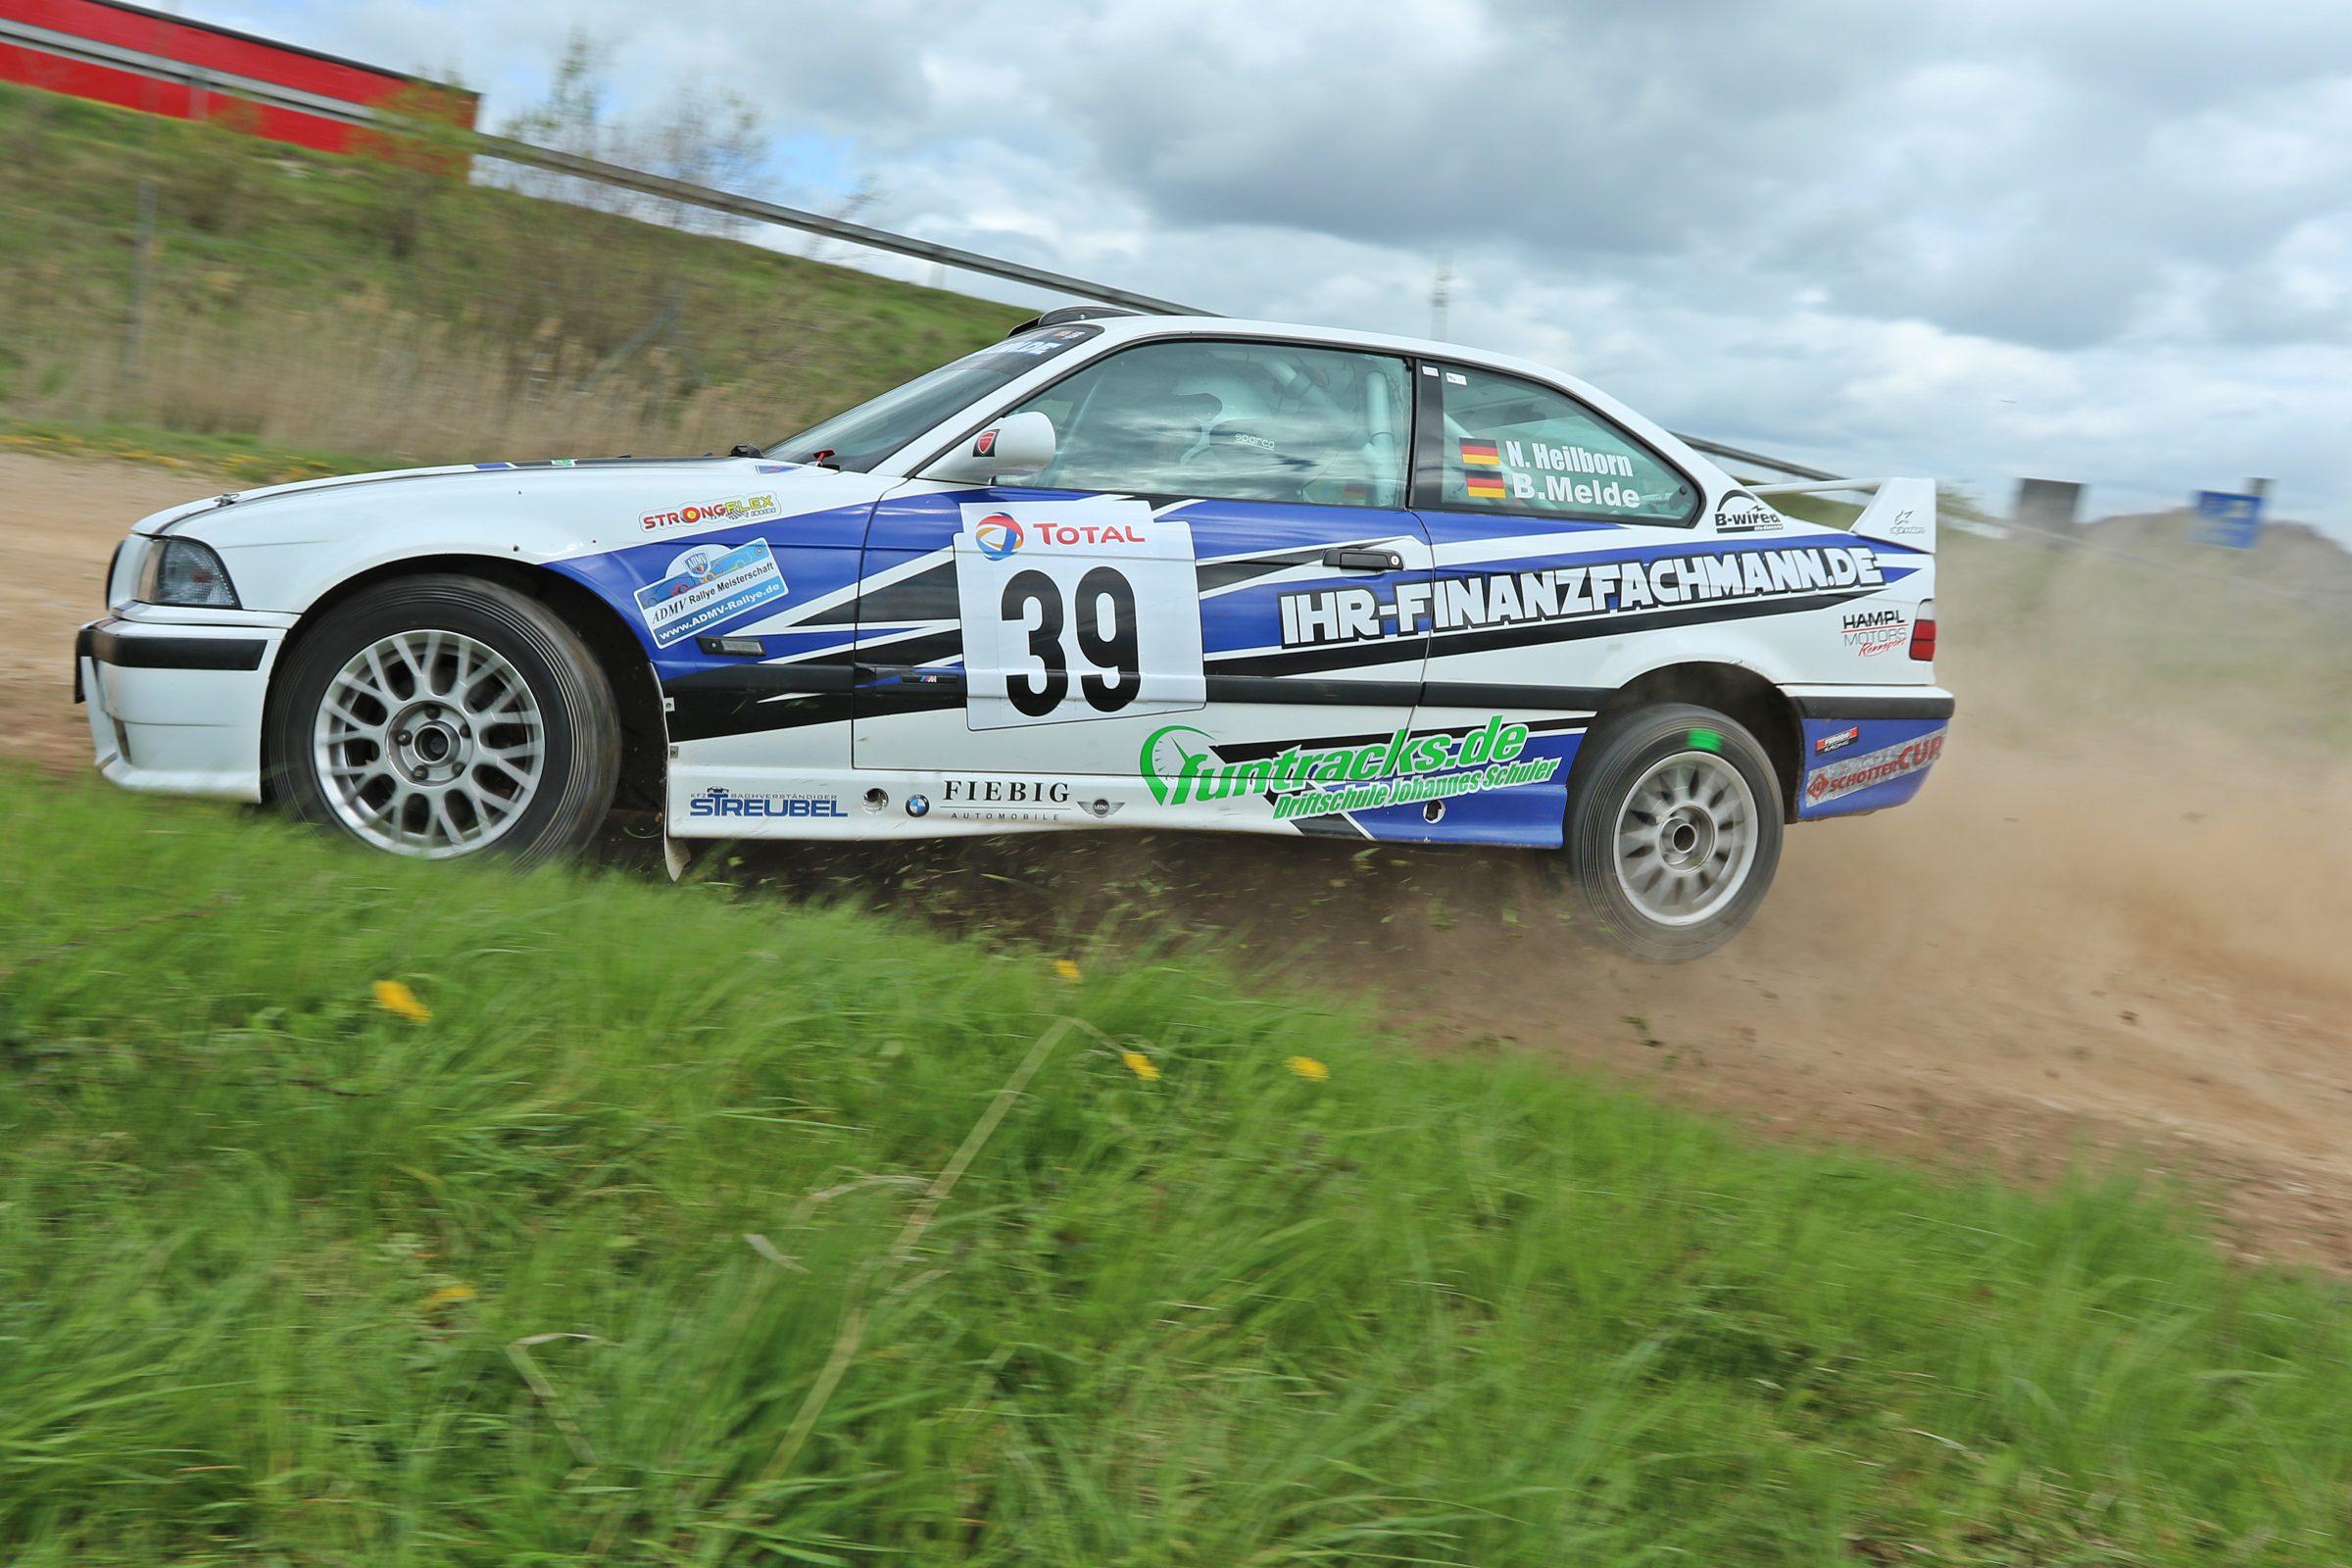 Roland-Rallye 2017 Heilborn/Melde BMW M3